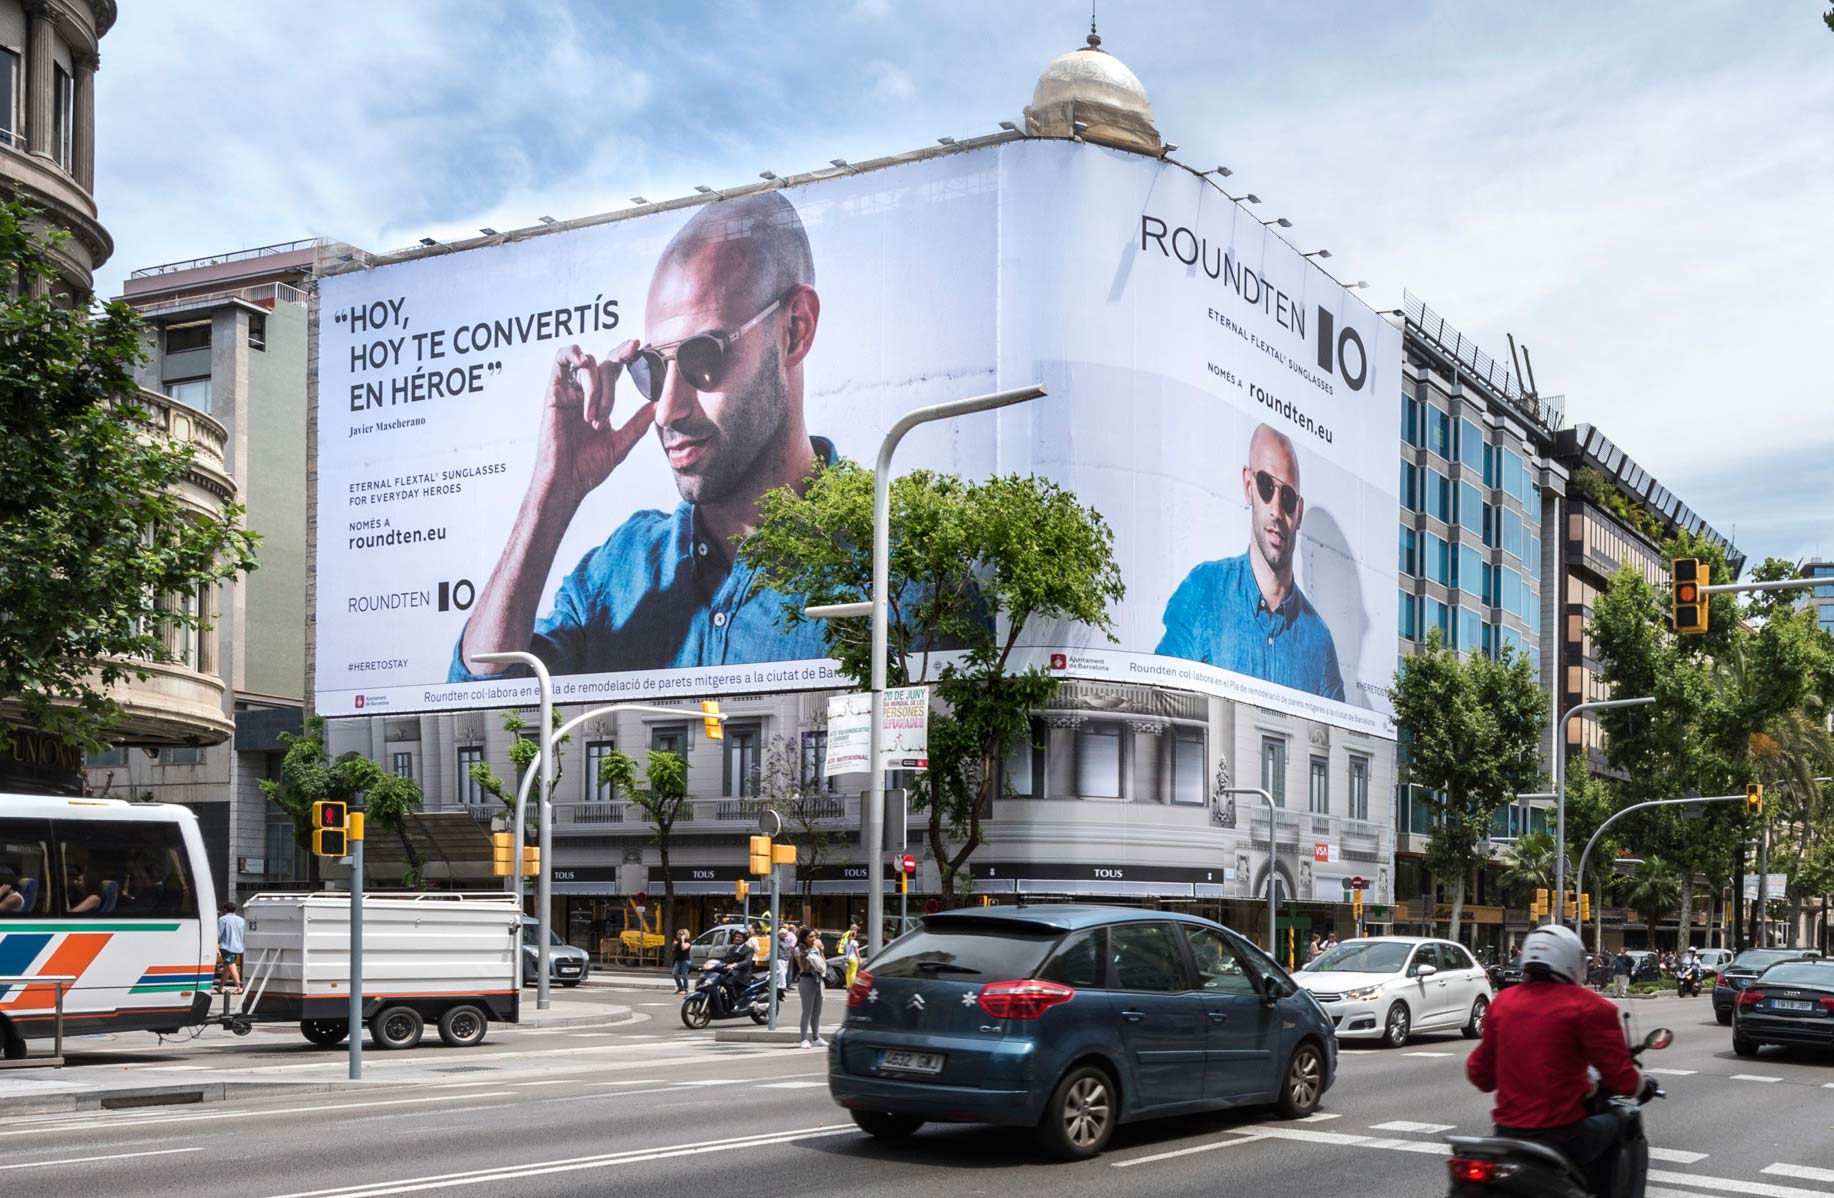 lona-publicitaria-barcelona-avenida-diagonal-478-roundten-javier-mascherano-cerca-vsa-comunicacion